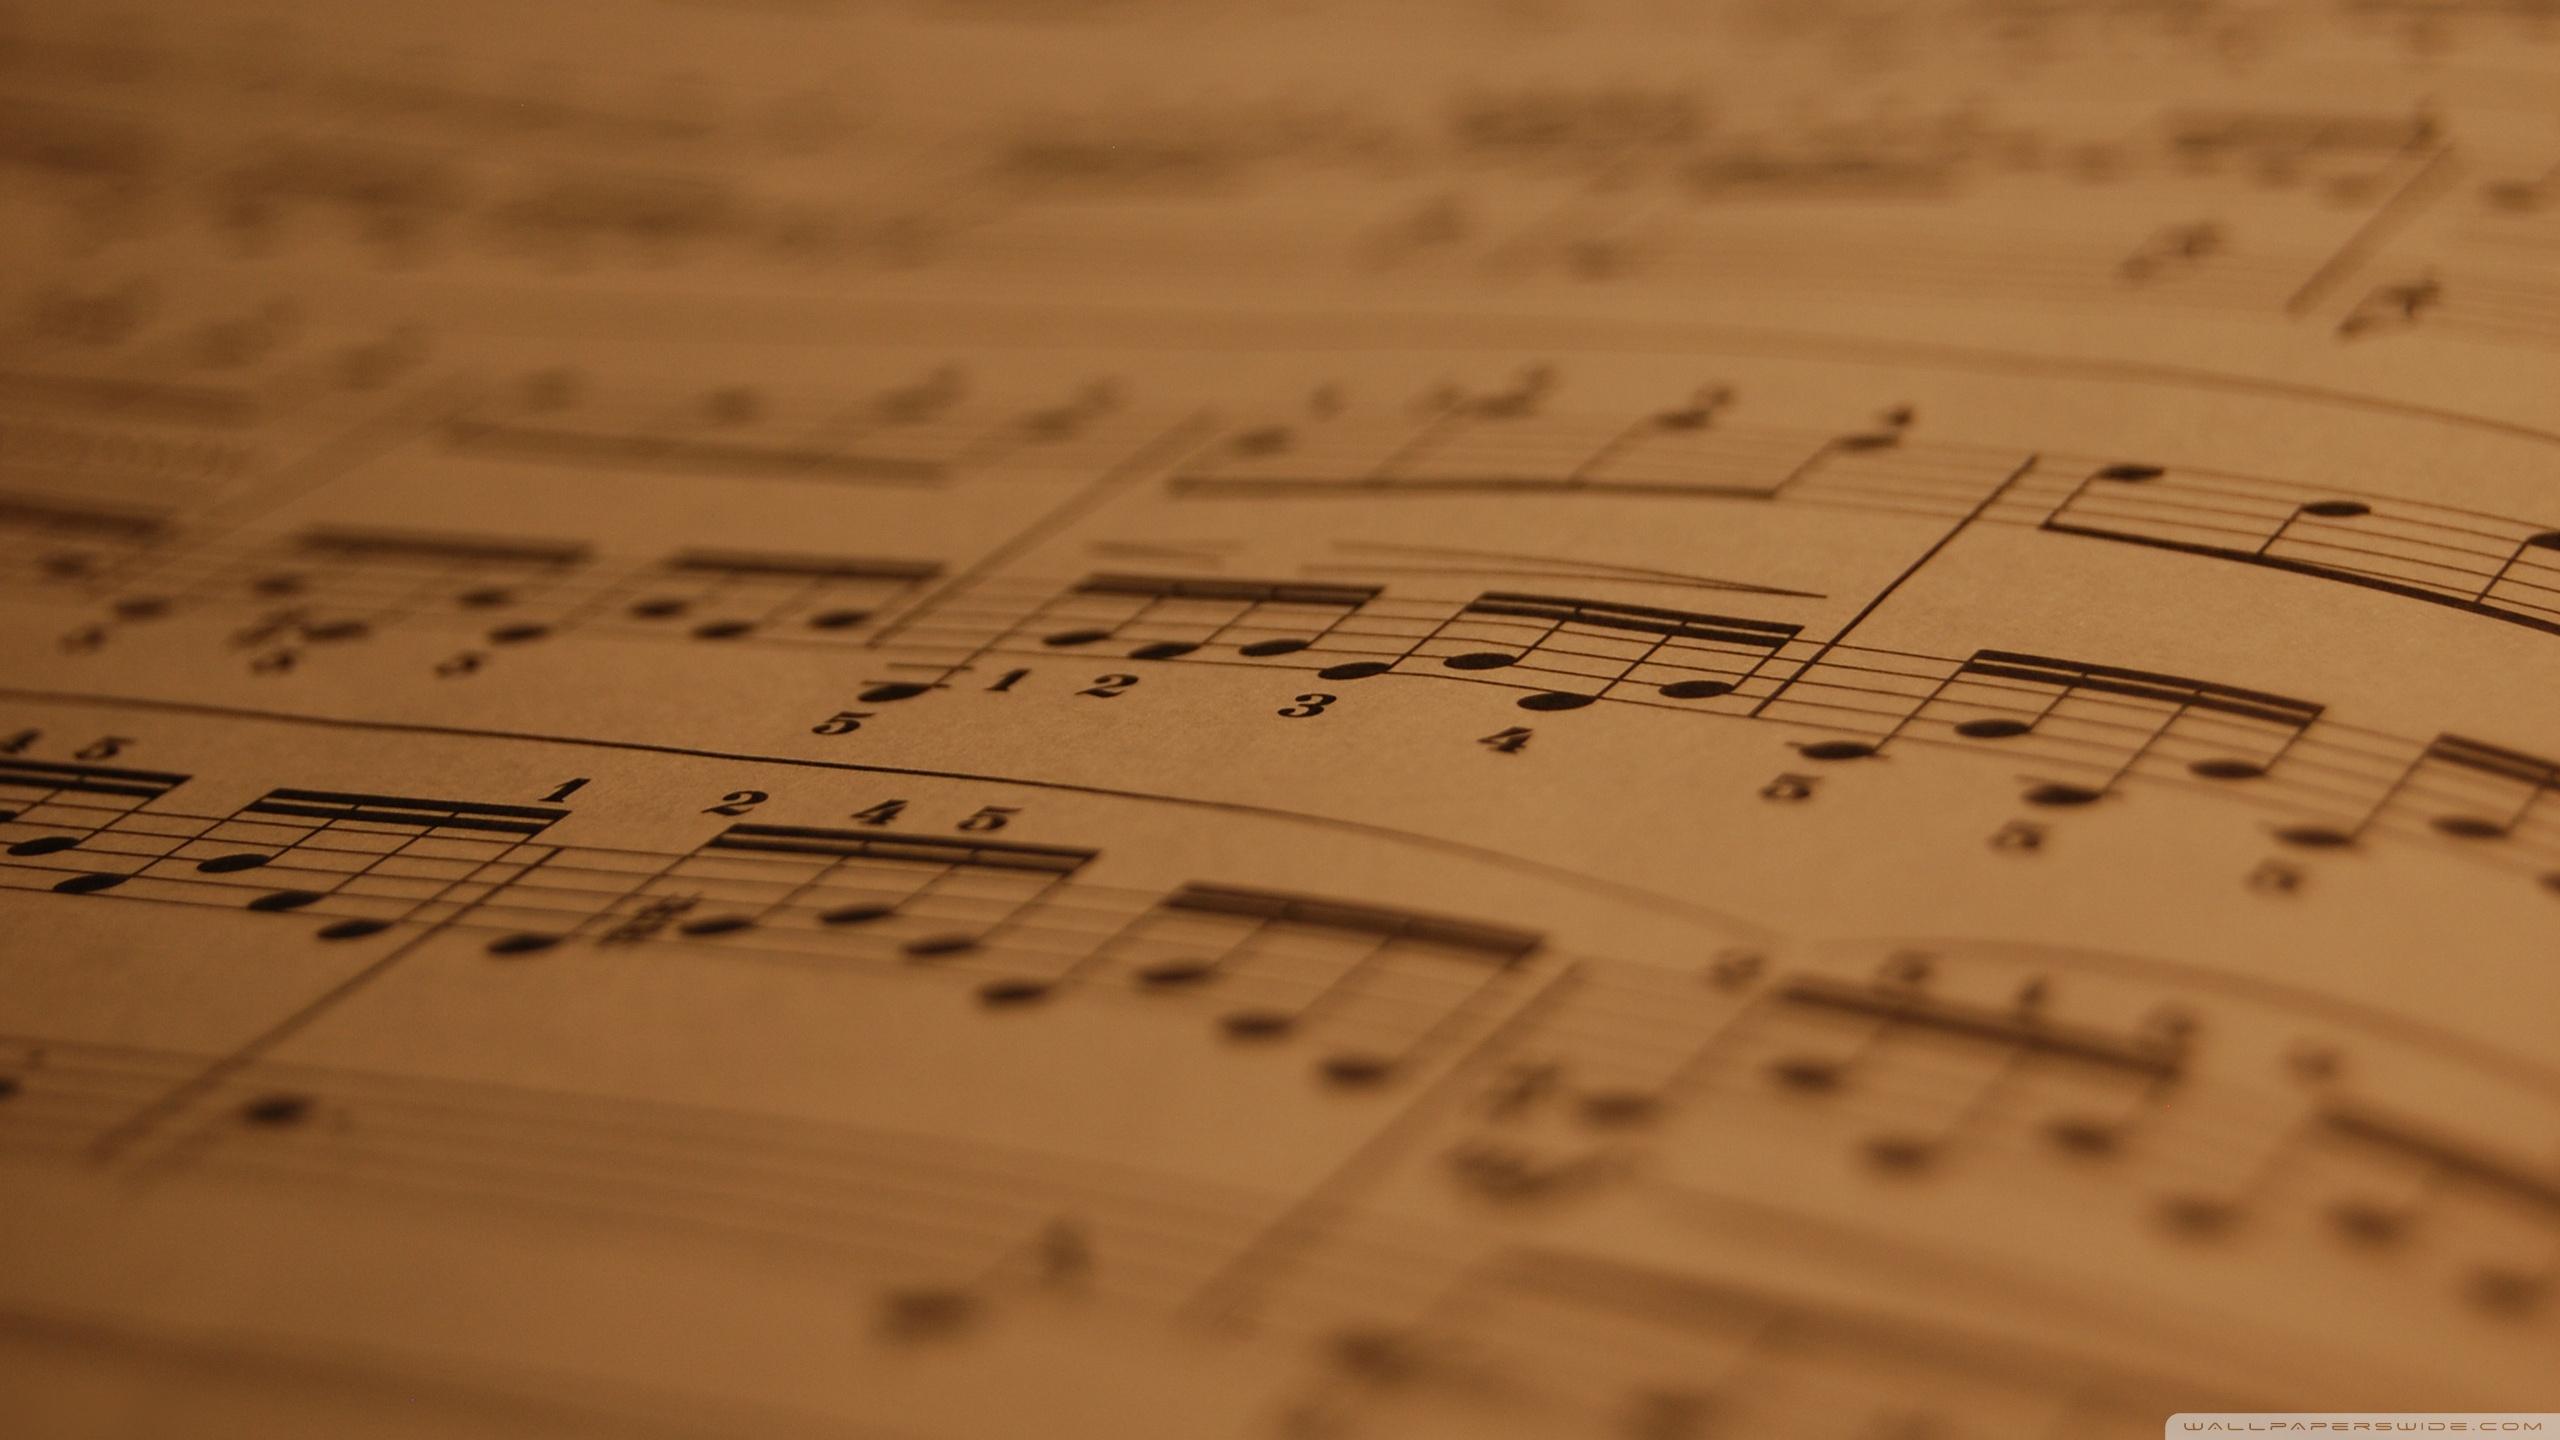 musical_score-wallpaper-2560x1440